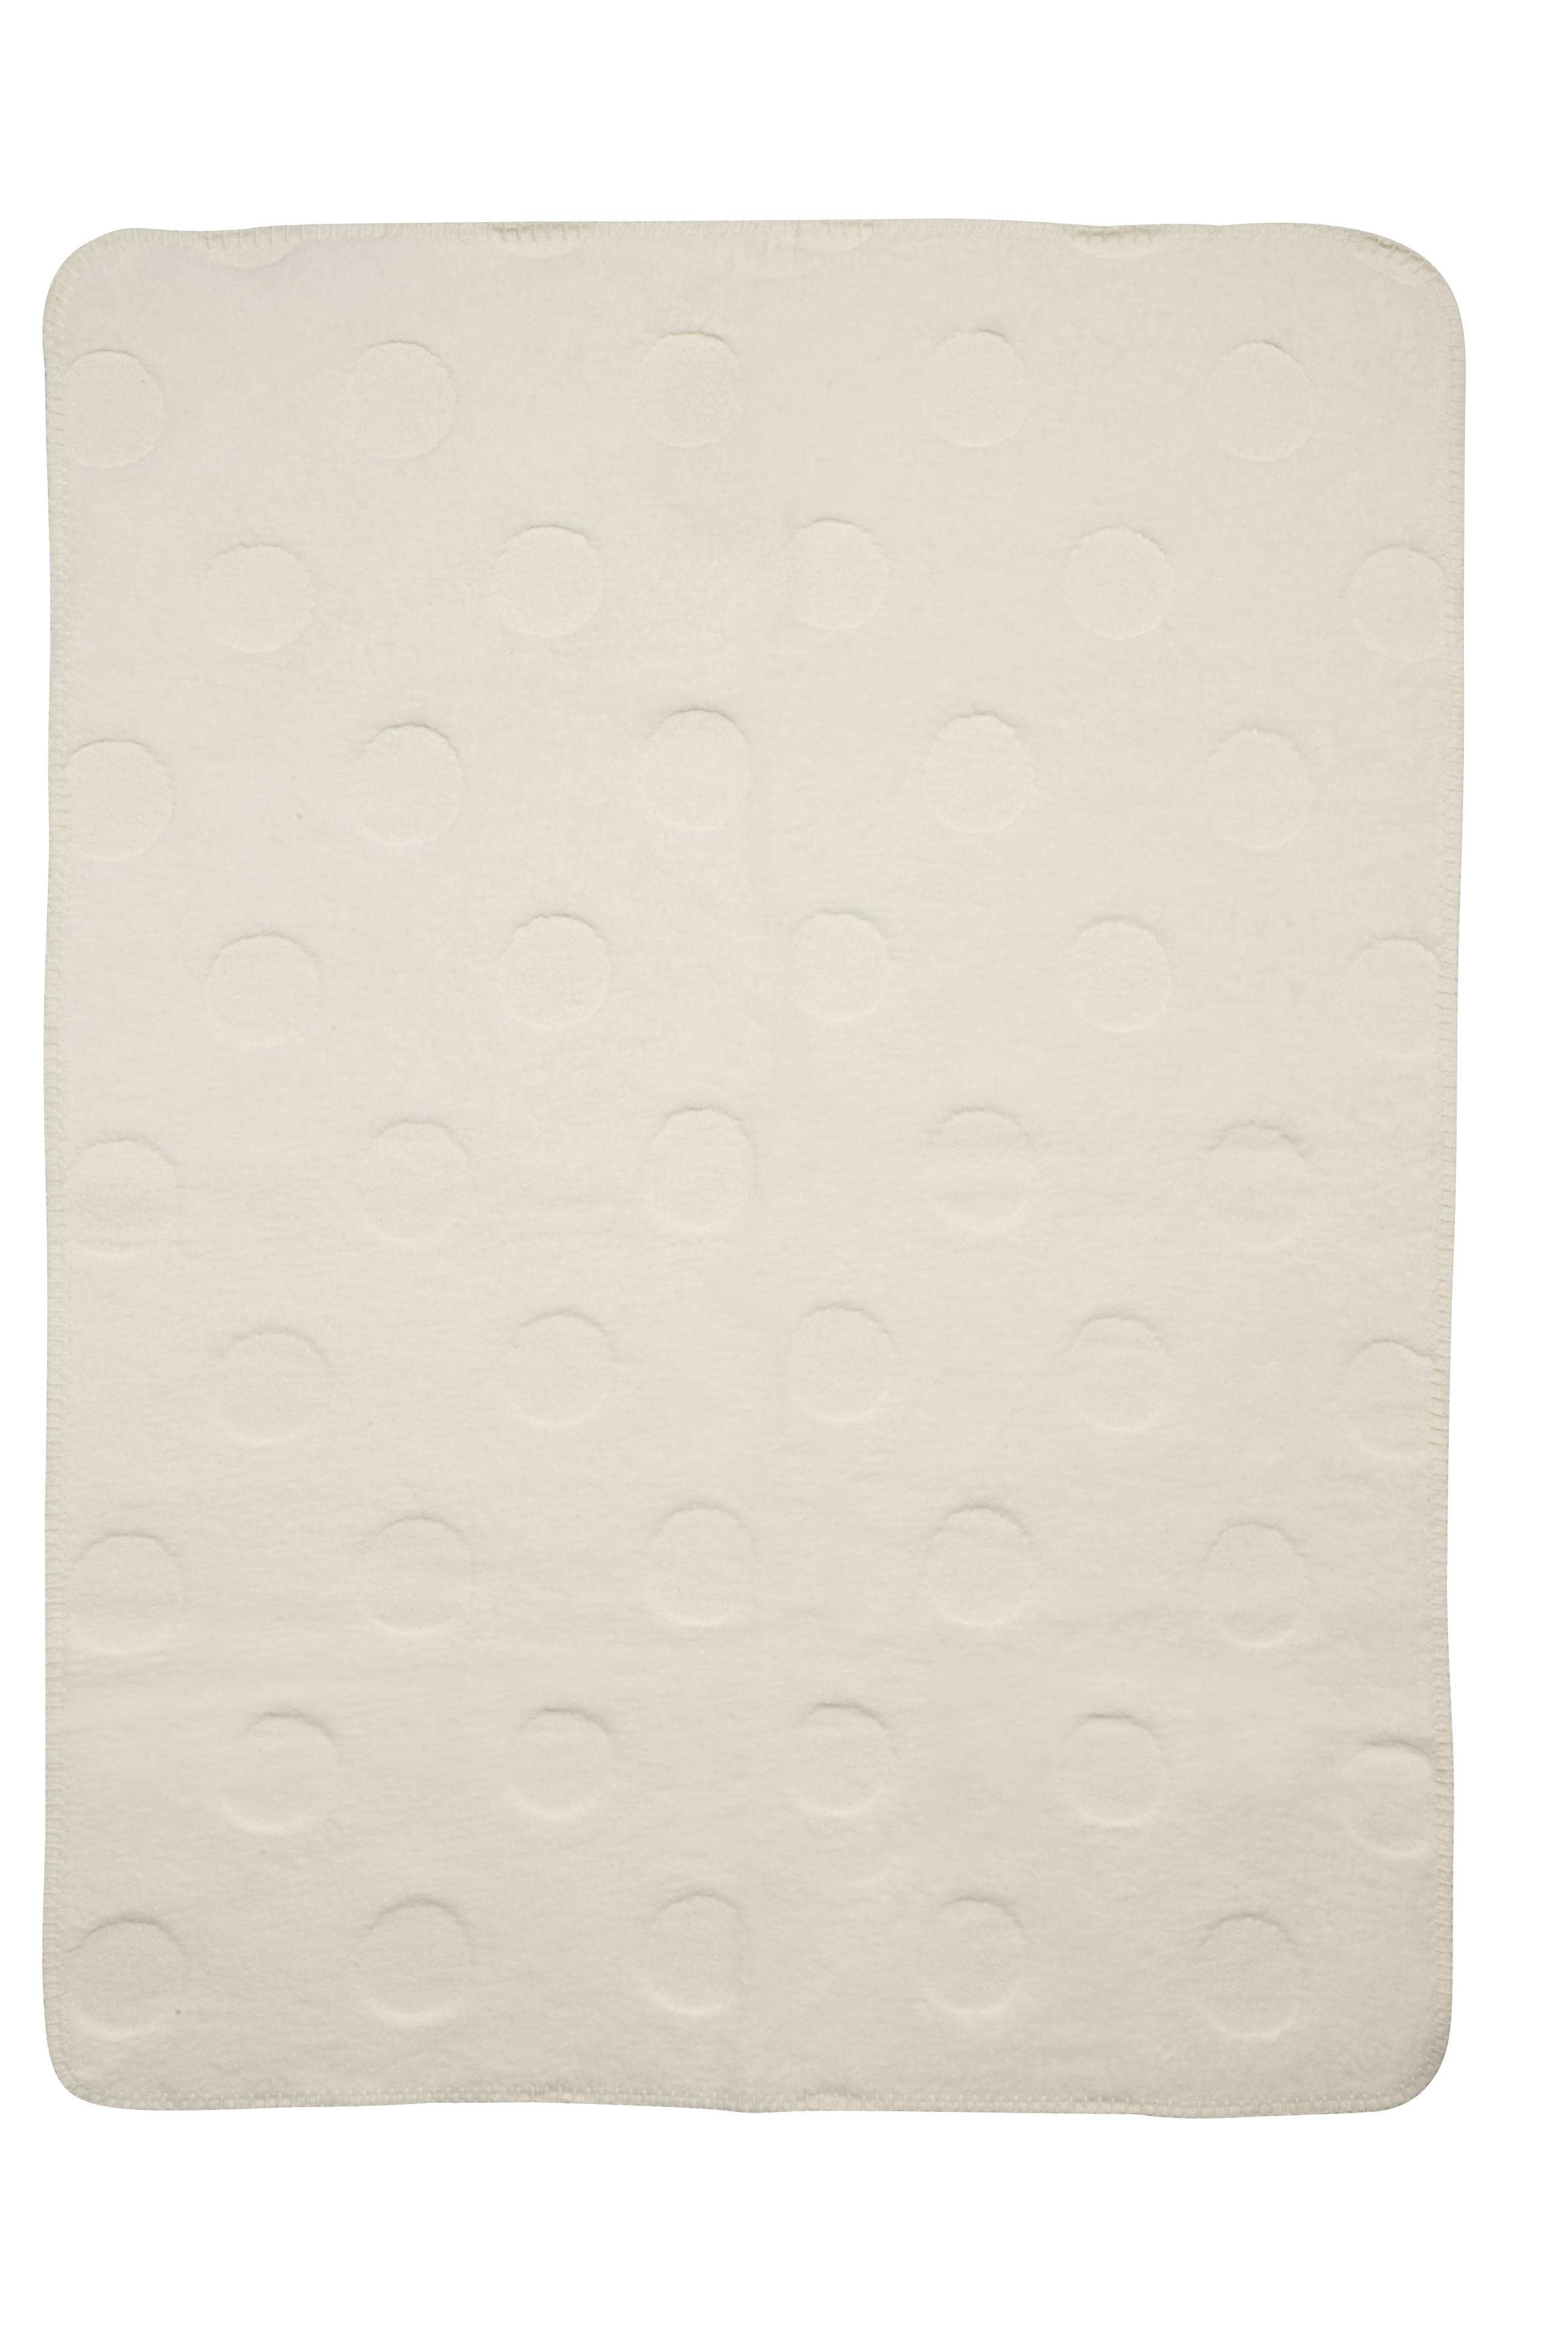 Biologische Ledikantdeken Stip 3-D - Offwhite - 120x150cm